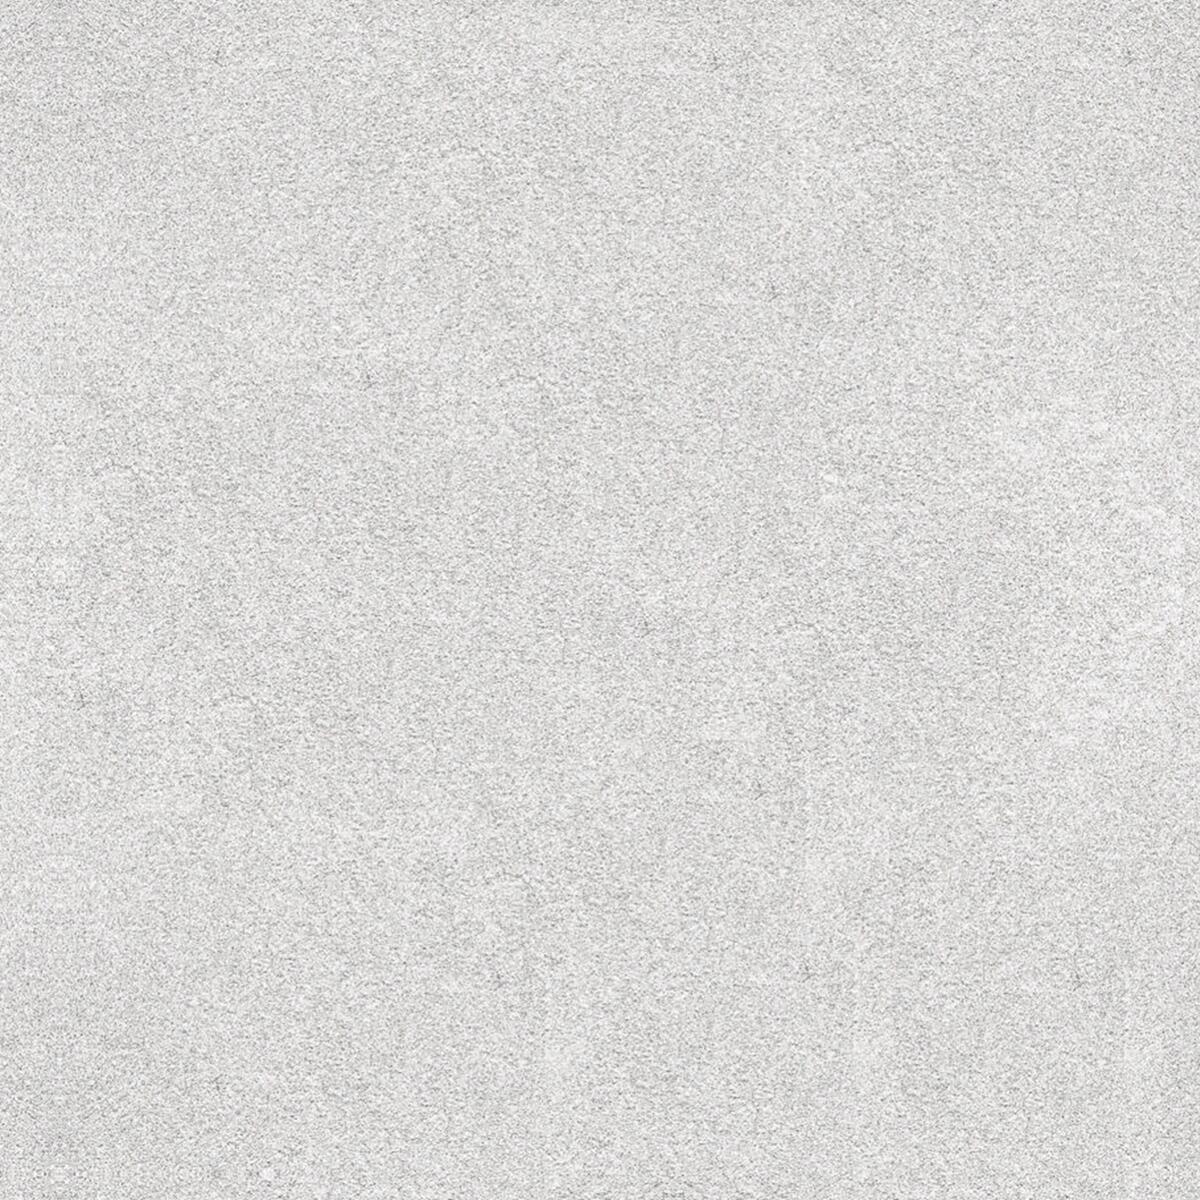 Pittura decorativa LUXENS EFFETTO SABBIATO BRILLANTE 2.5 l argento alfa effetto sabbiato - 2